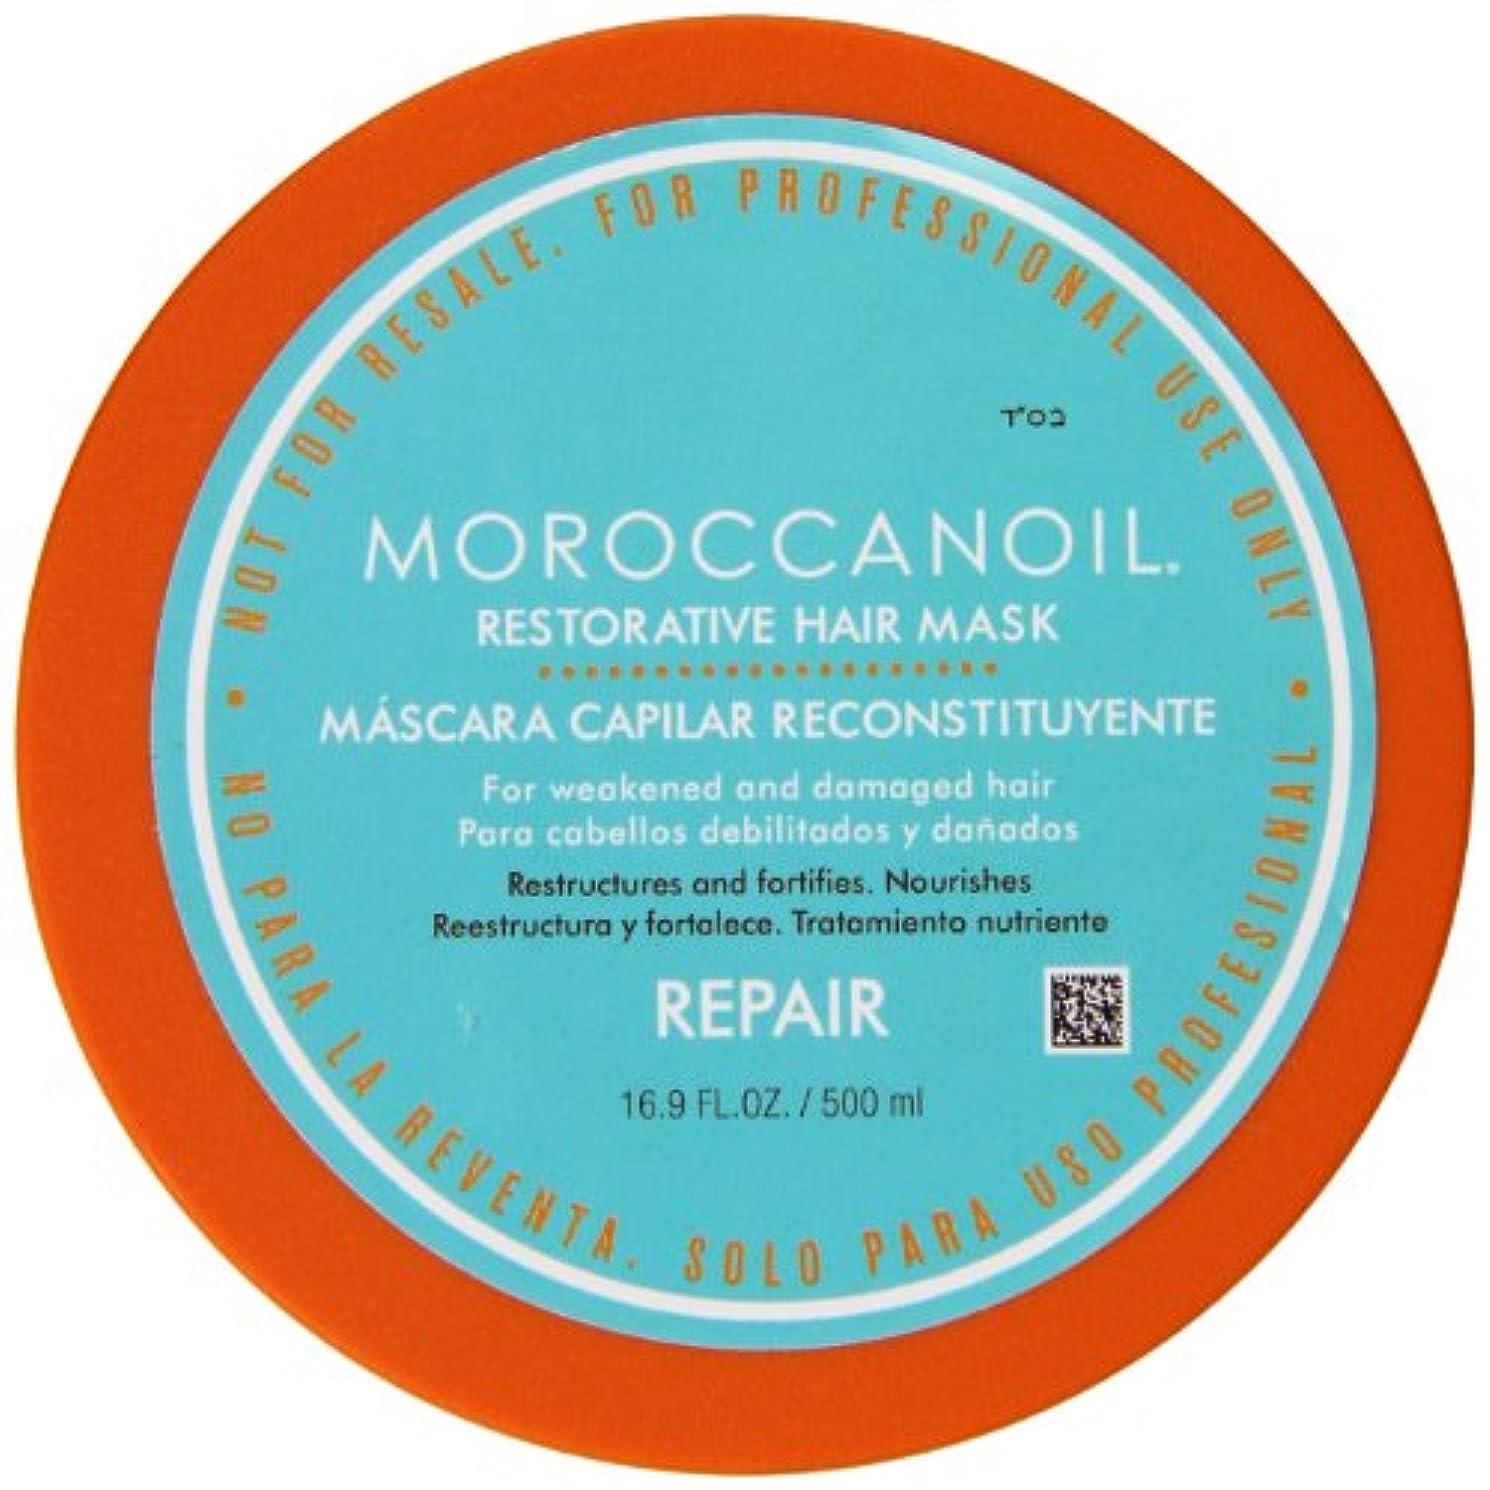 感嘆符さわやか補償モロッカンオイル リストラクティブ ヘア マスク (ダメージを受けた髪用) 500ml/16.9oz並行輸入品